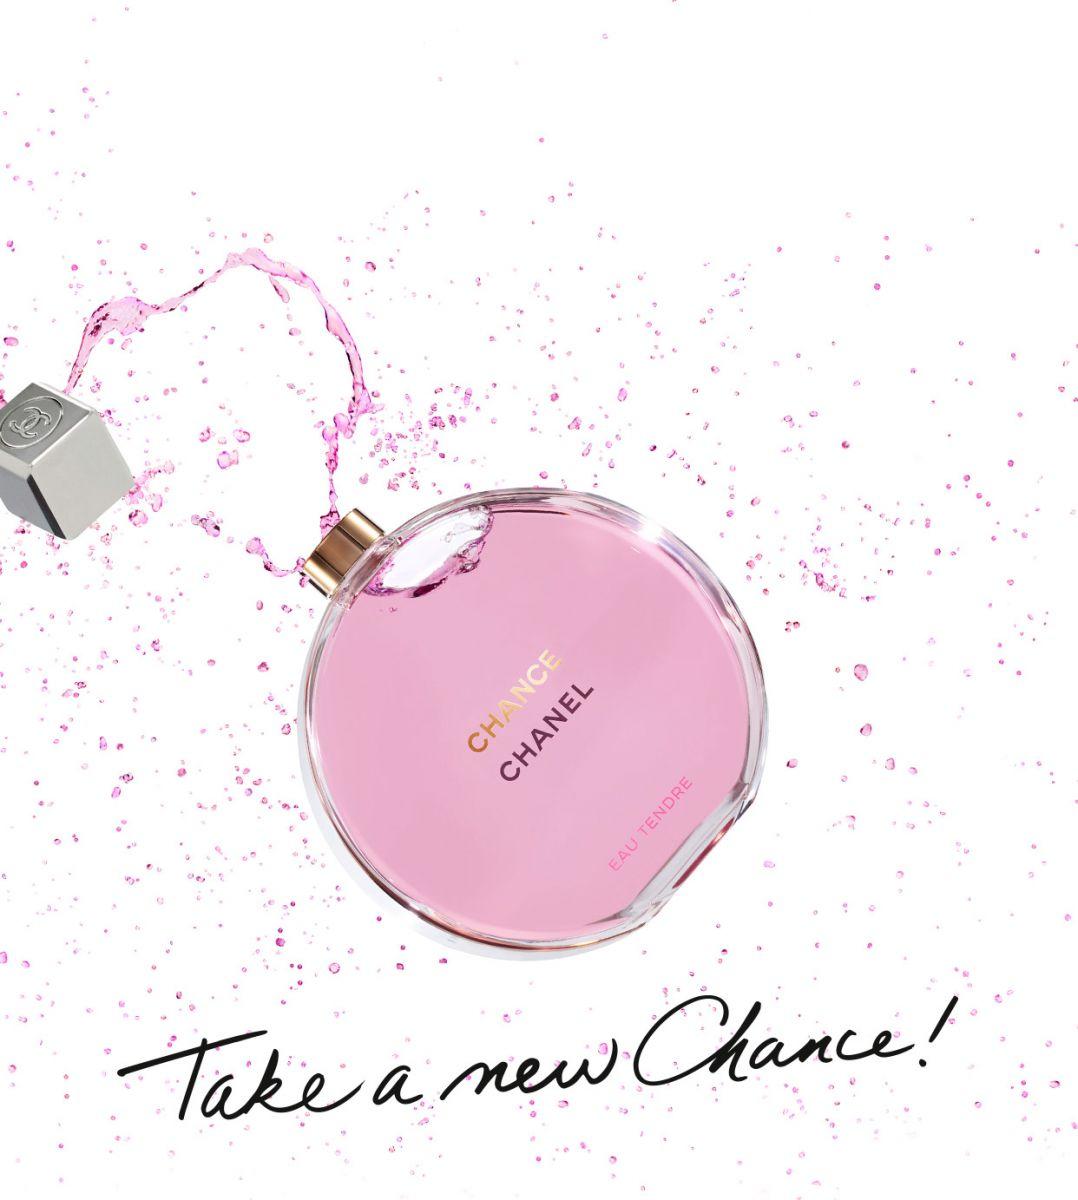 nuoc-hoa-Chanel-Chance-EAU-VIVE-hong